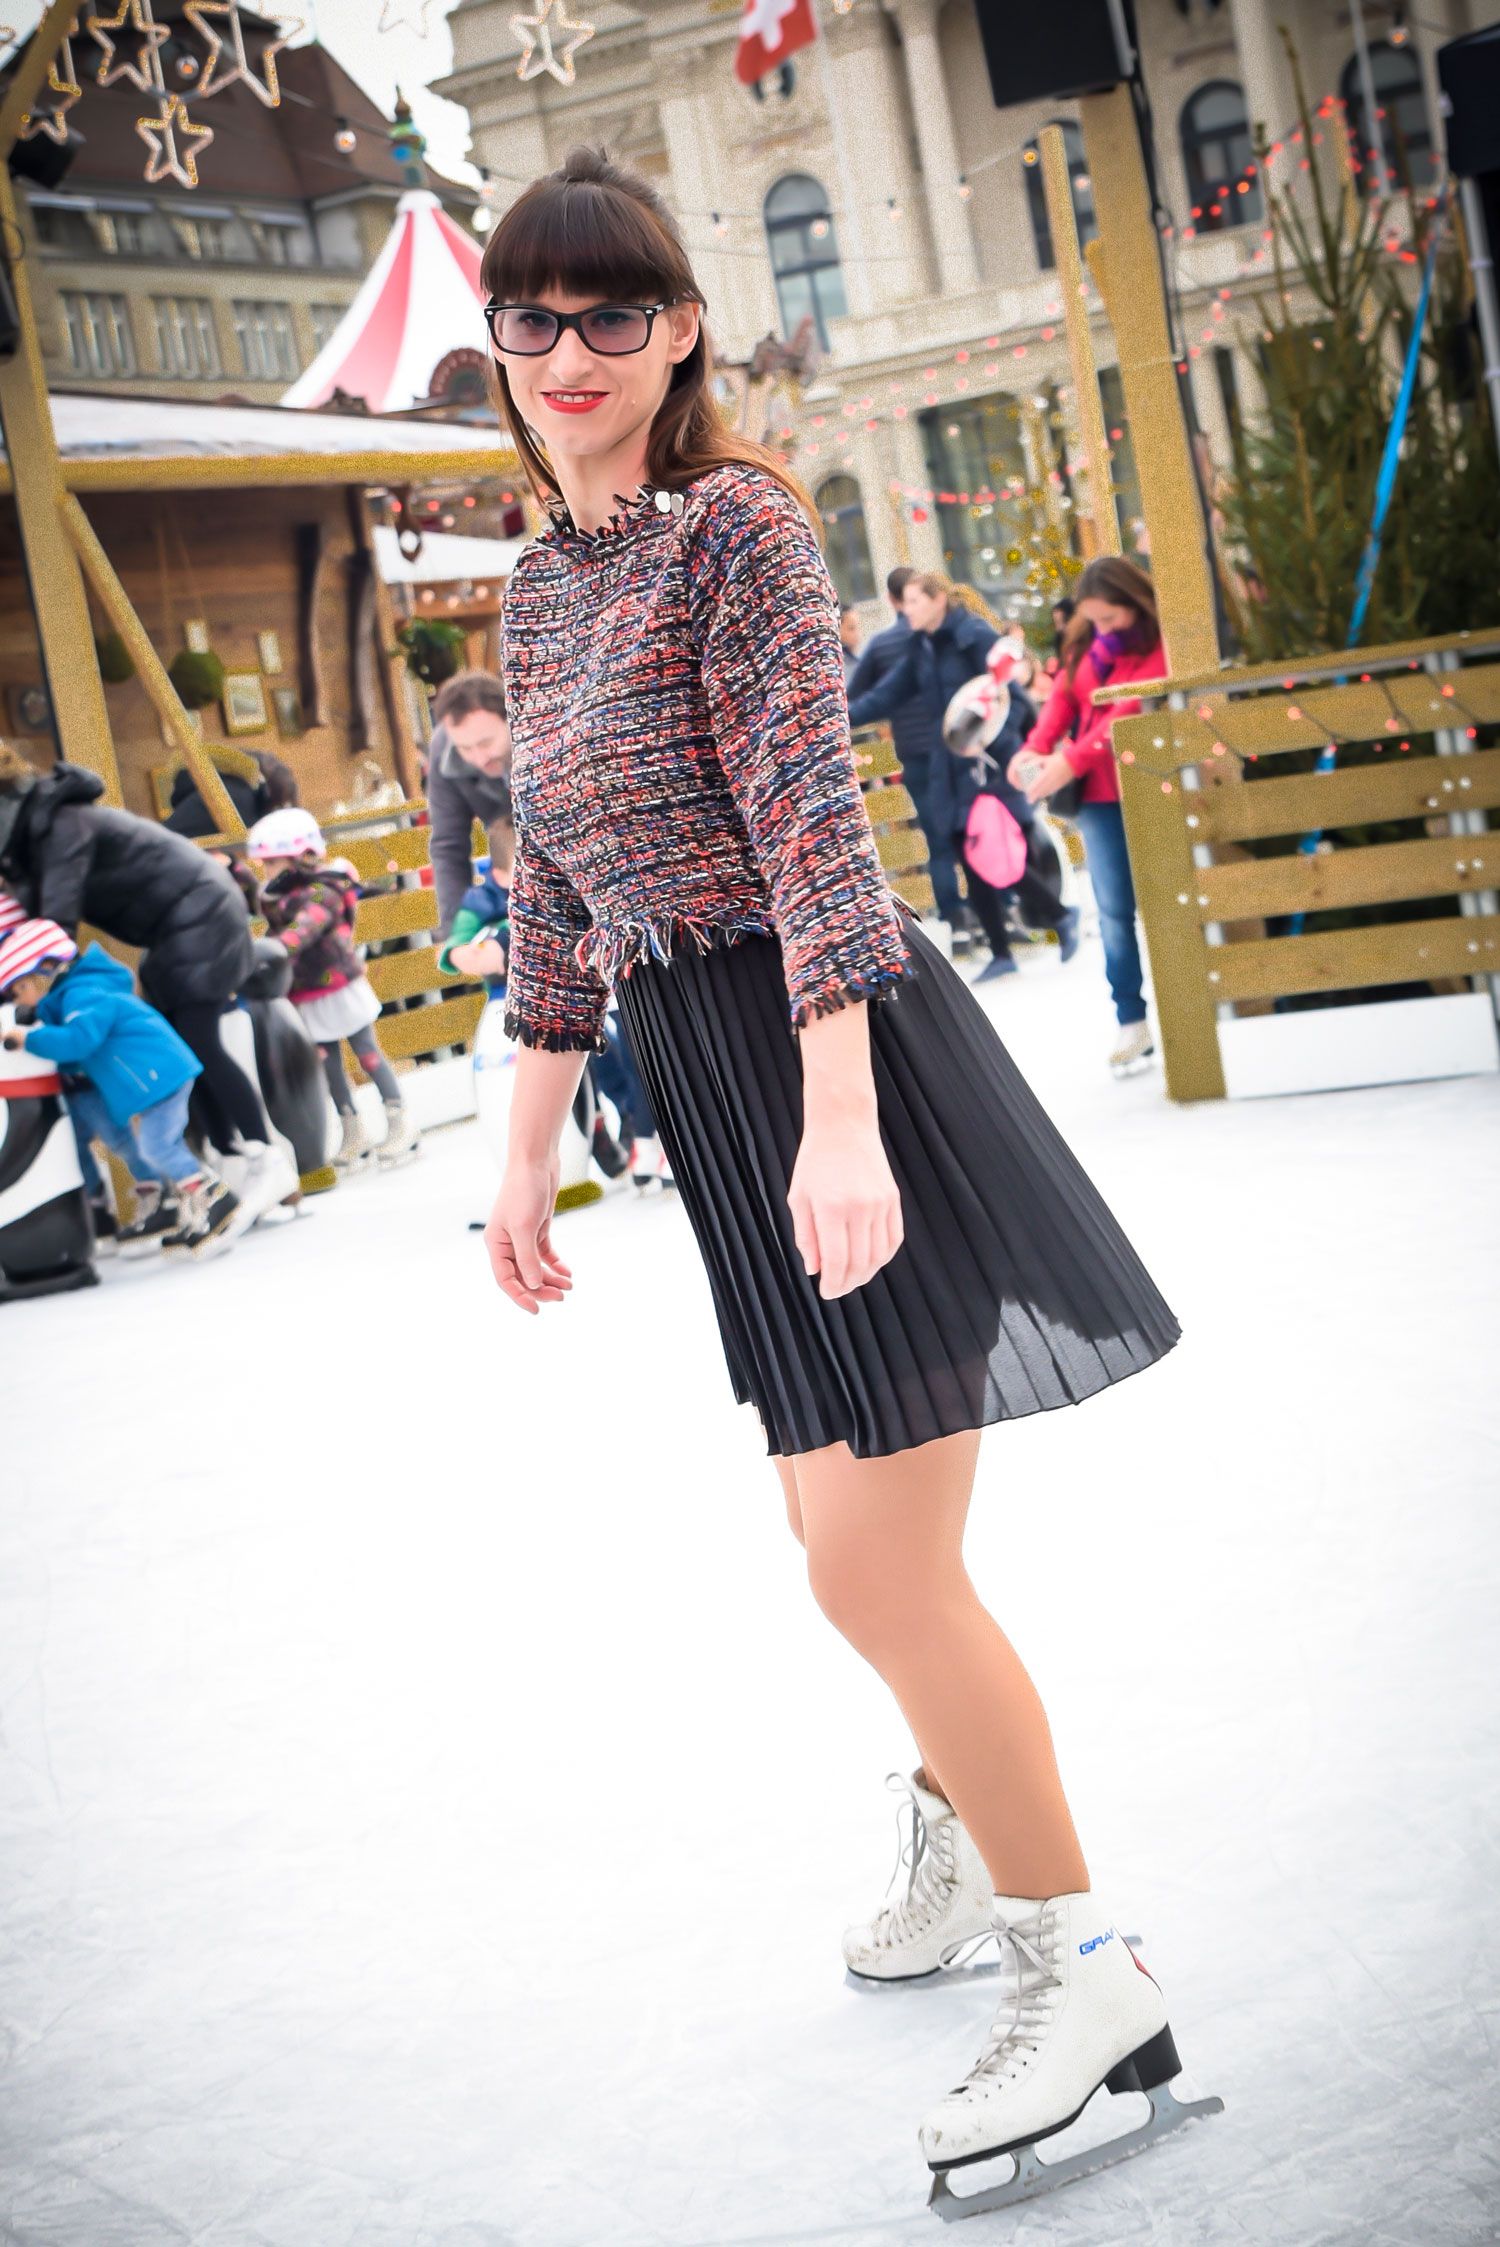 Tweedkleid mit Fransen und Plisseerock von Zara